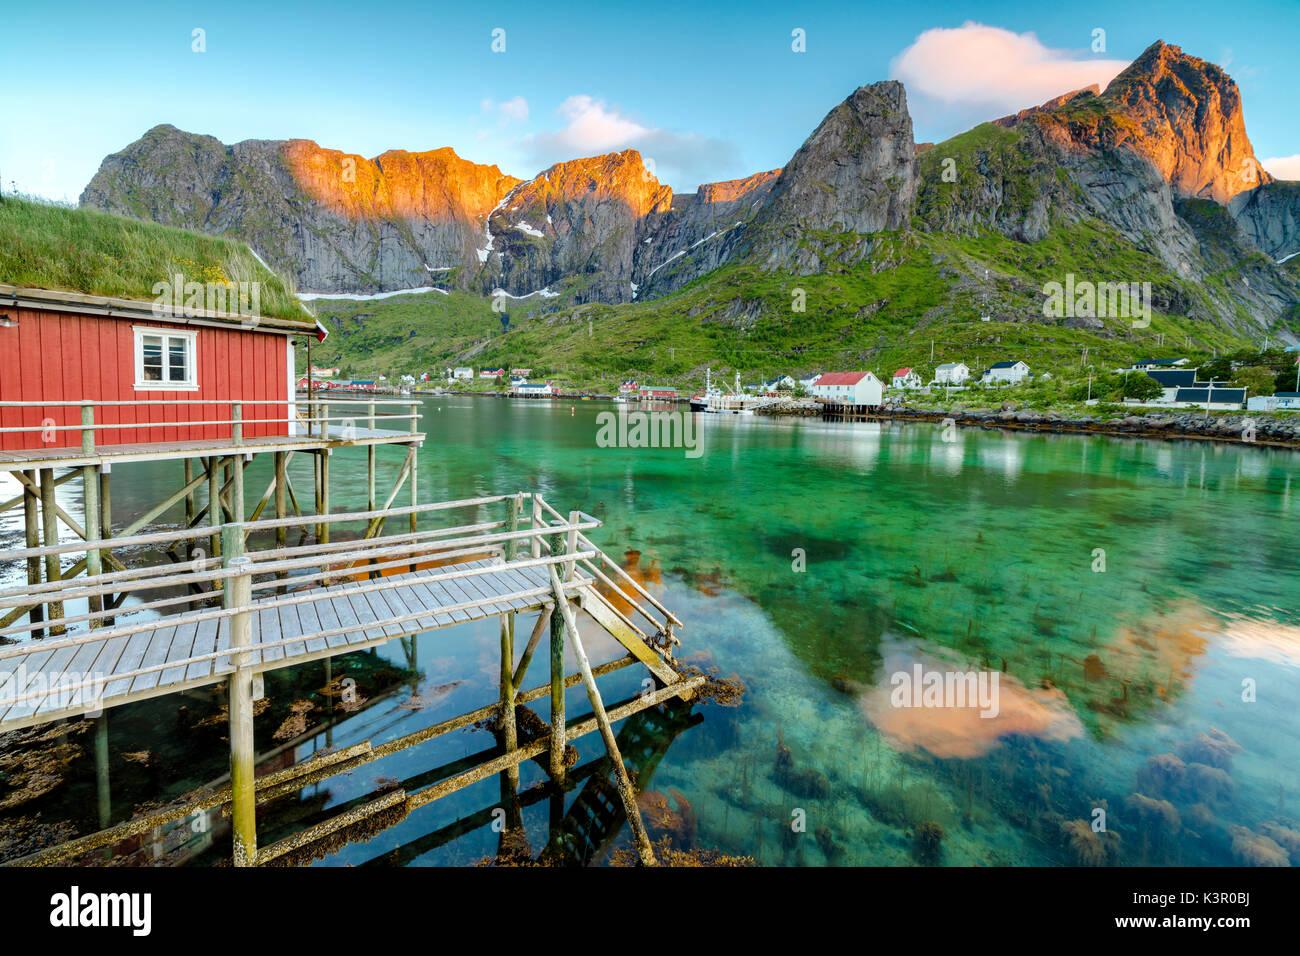 Il sole di mezzanotte sul villaggio di pescatori di picchi e circondato dal mare limpido Reine Nordland county Isole Lofoten Norvegia del Nord Europa Immagini Stock